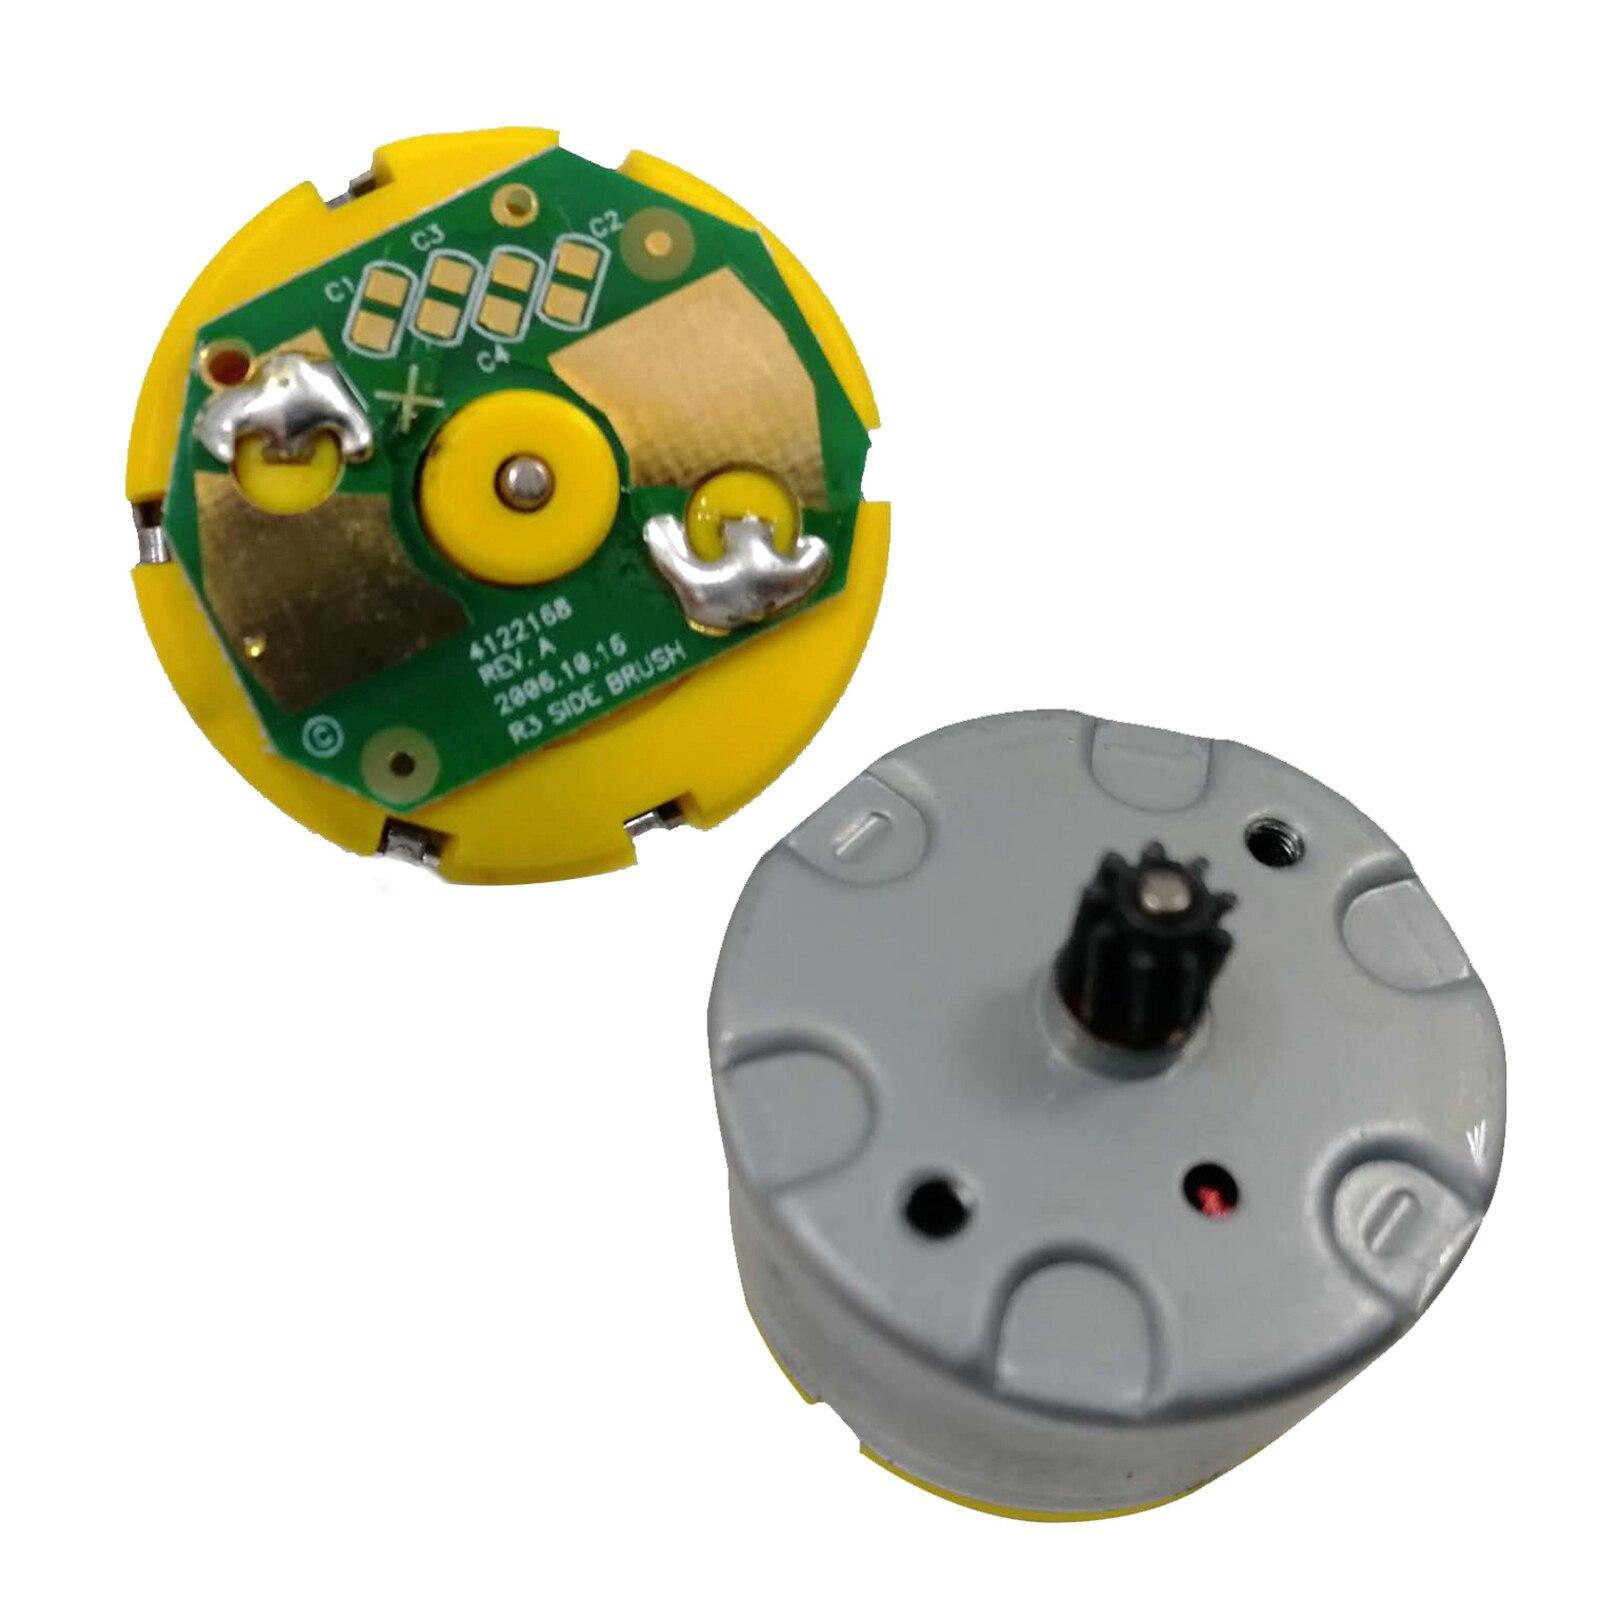 Motor For IROBOT 5 6 7 8 9 Series Vacuum Cleaner Side Brush Motor For IRobot Roomba 530 620 650 655 760 770 780 880 980 New